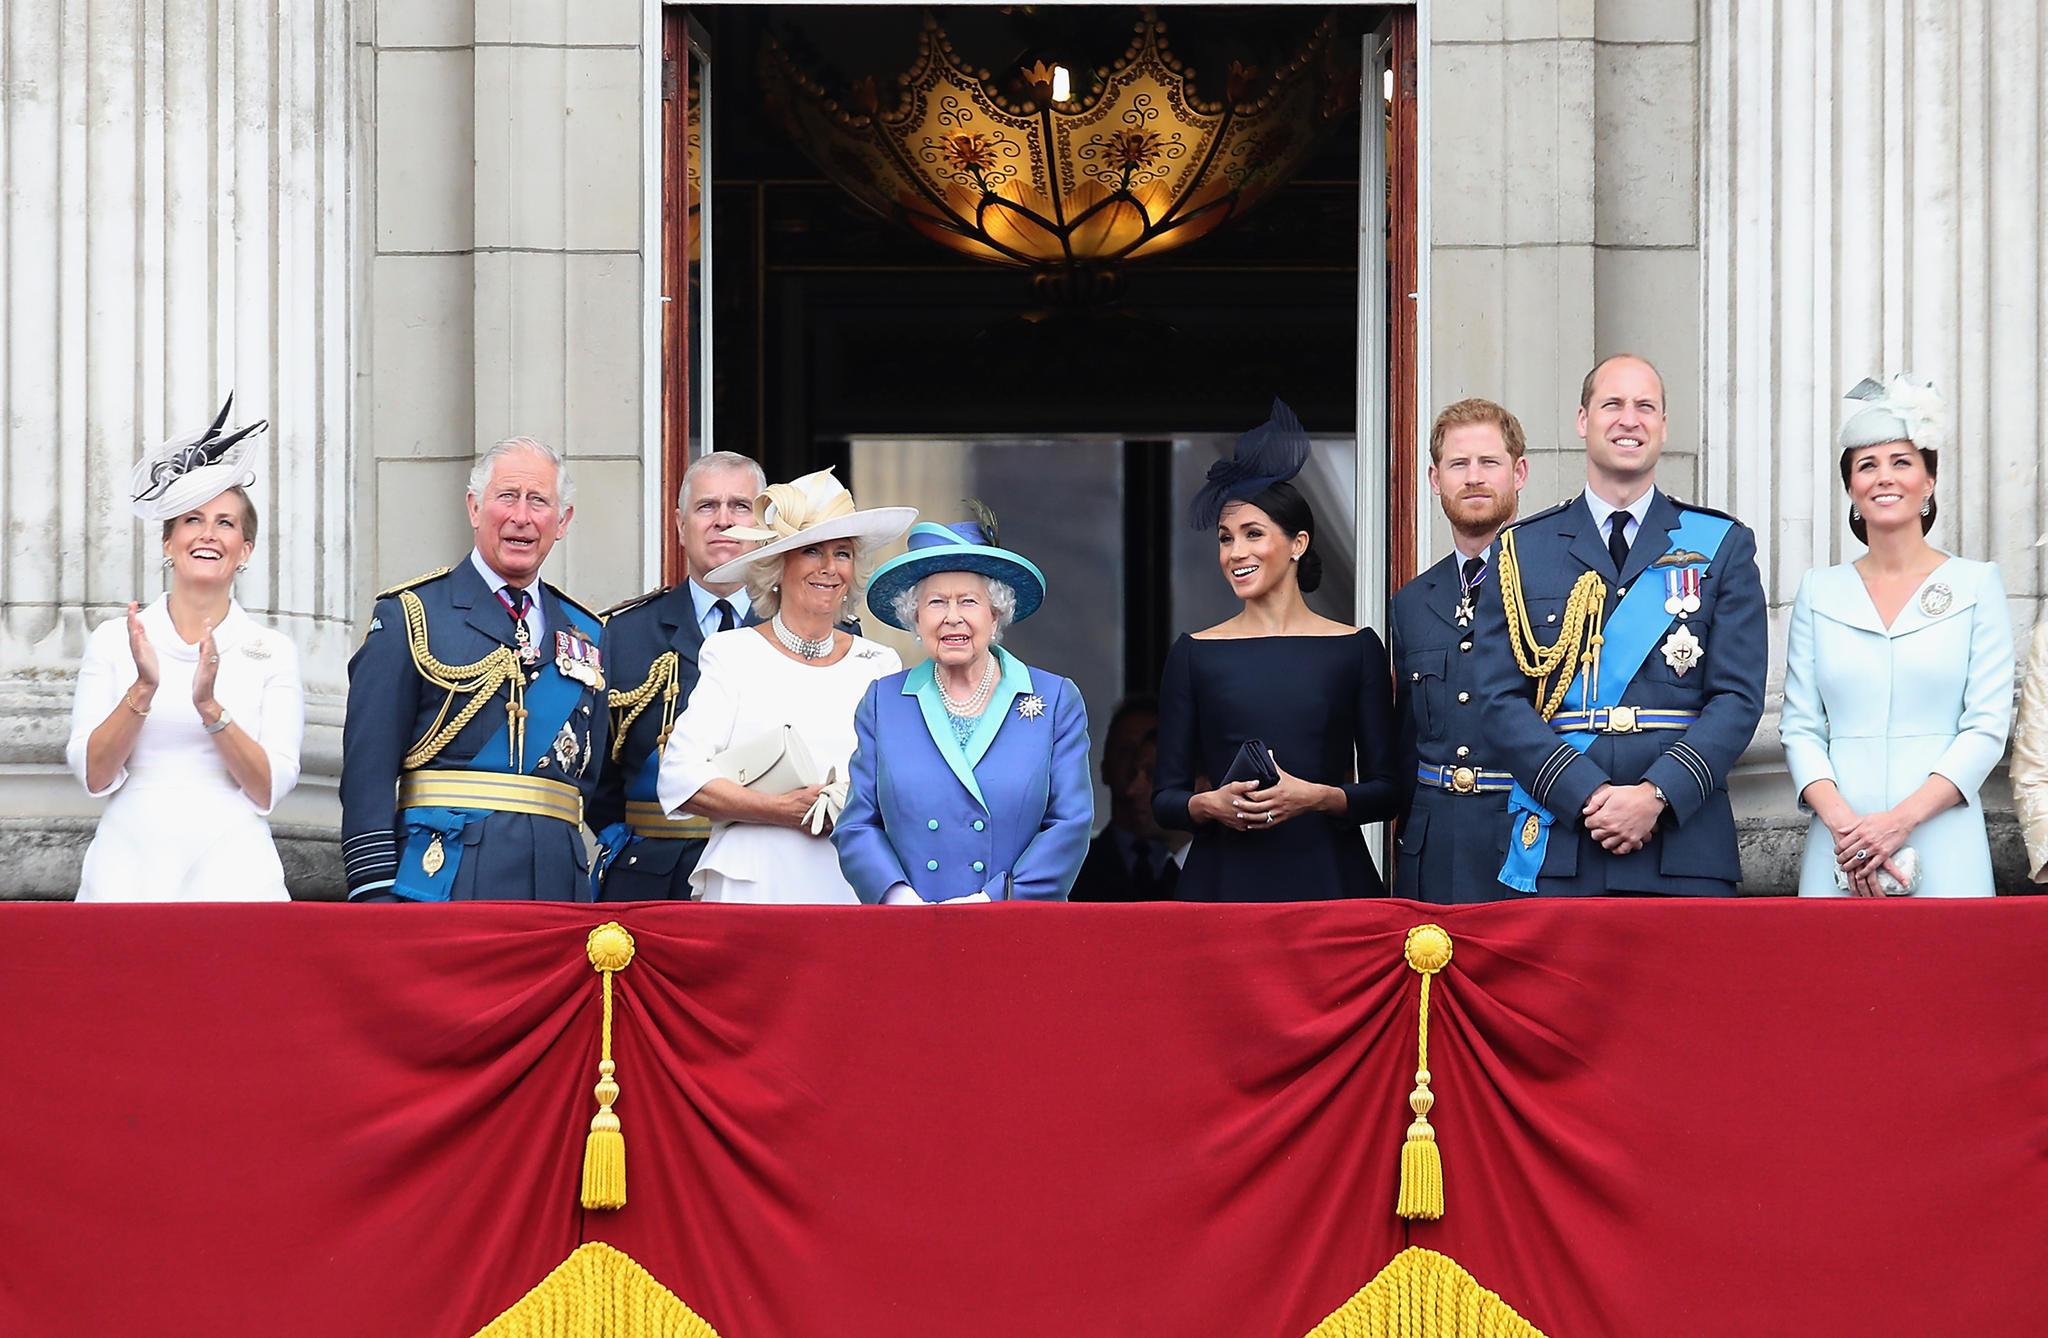 Die britische Königsfamilie auf dem Balkon des Buckingham Palastes